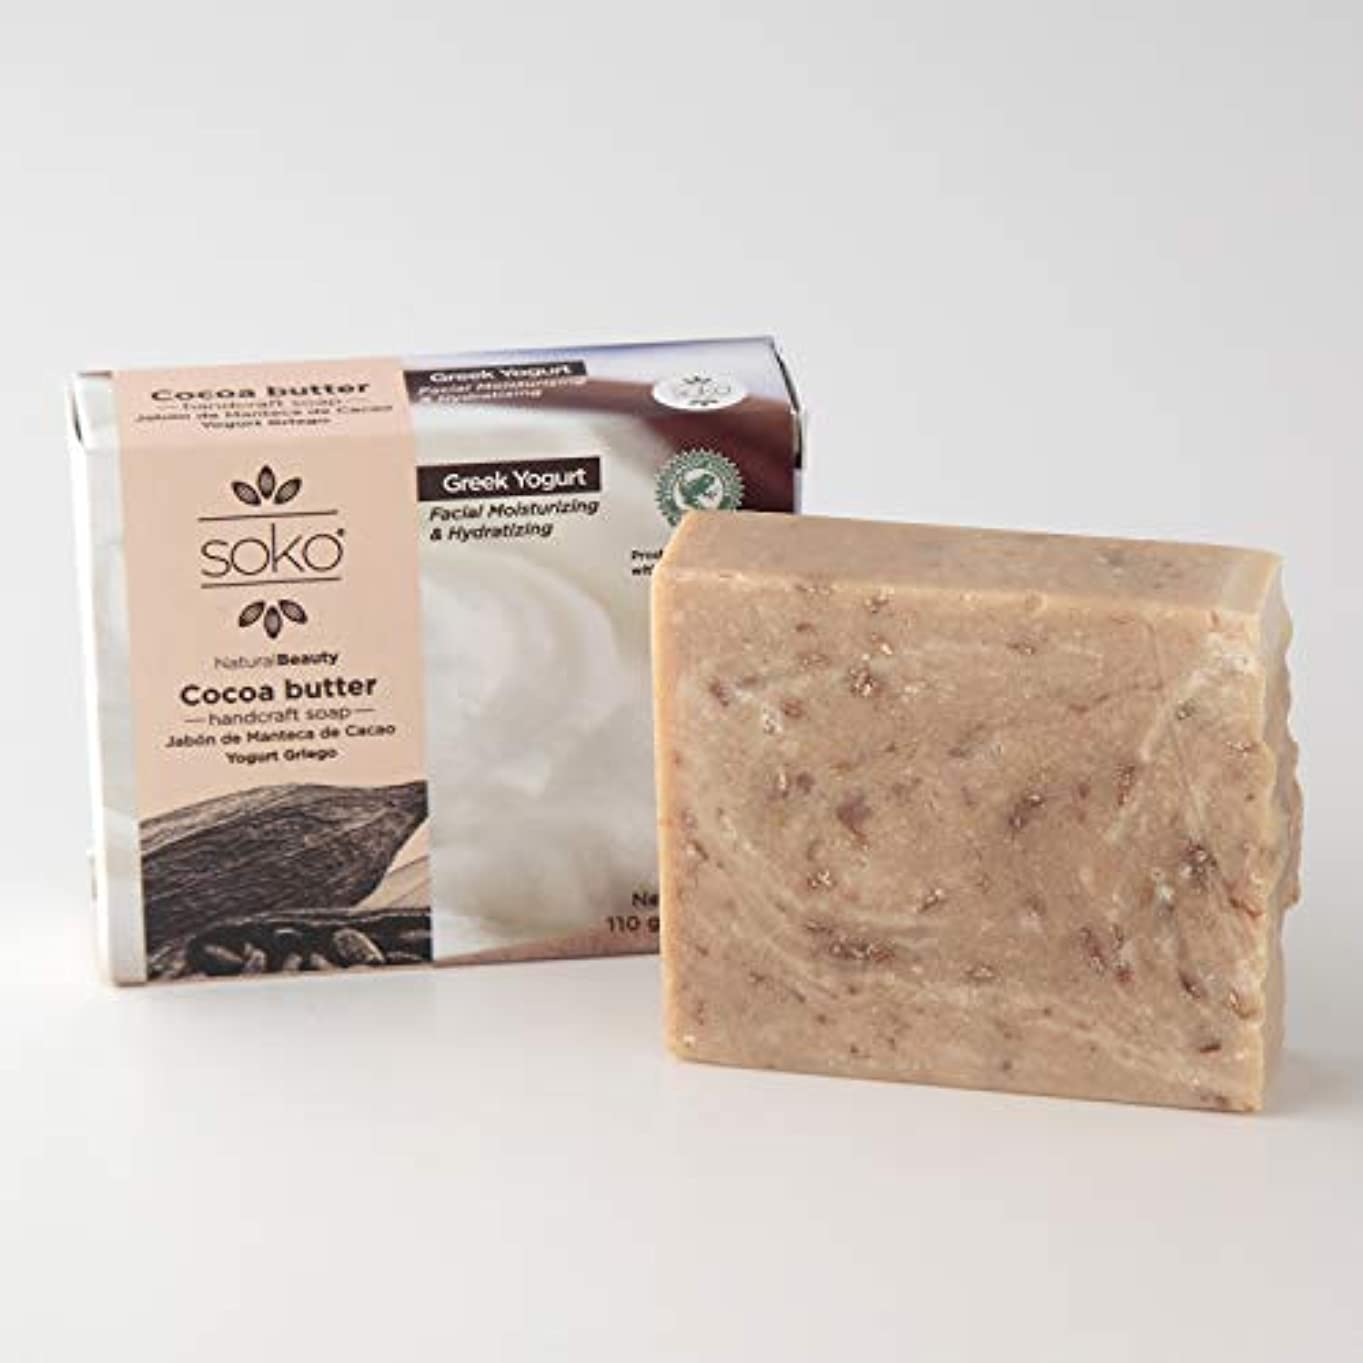 衣類タイトル膨らみカカオバター ナチュラル石けん 110g ギリシャヨーグルト 洗顔に効果的